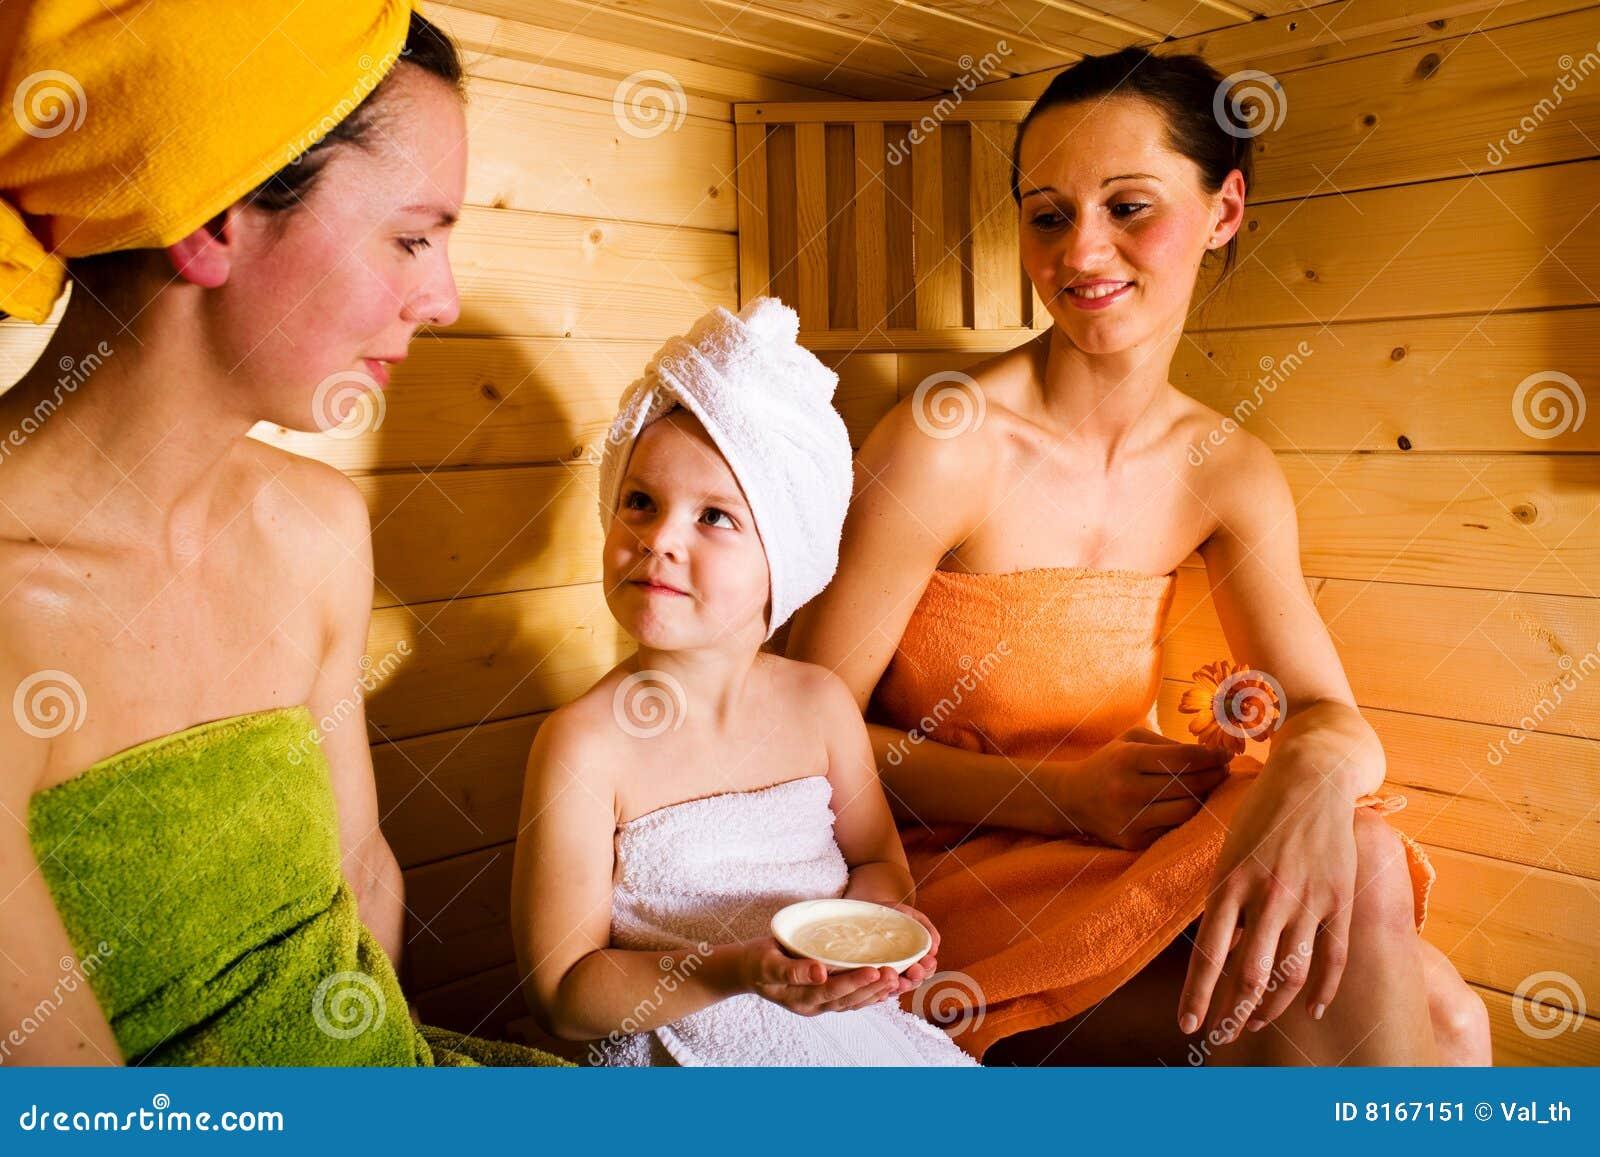 Сын подглядывает за матерью в бане, Порно сын подглядывает за мамой в бане HD 25 фотография